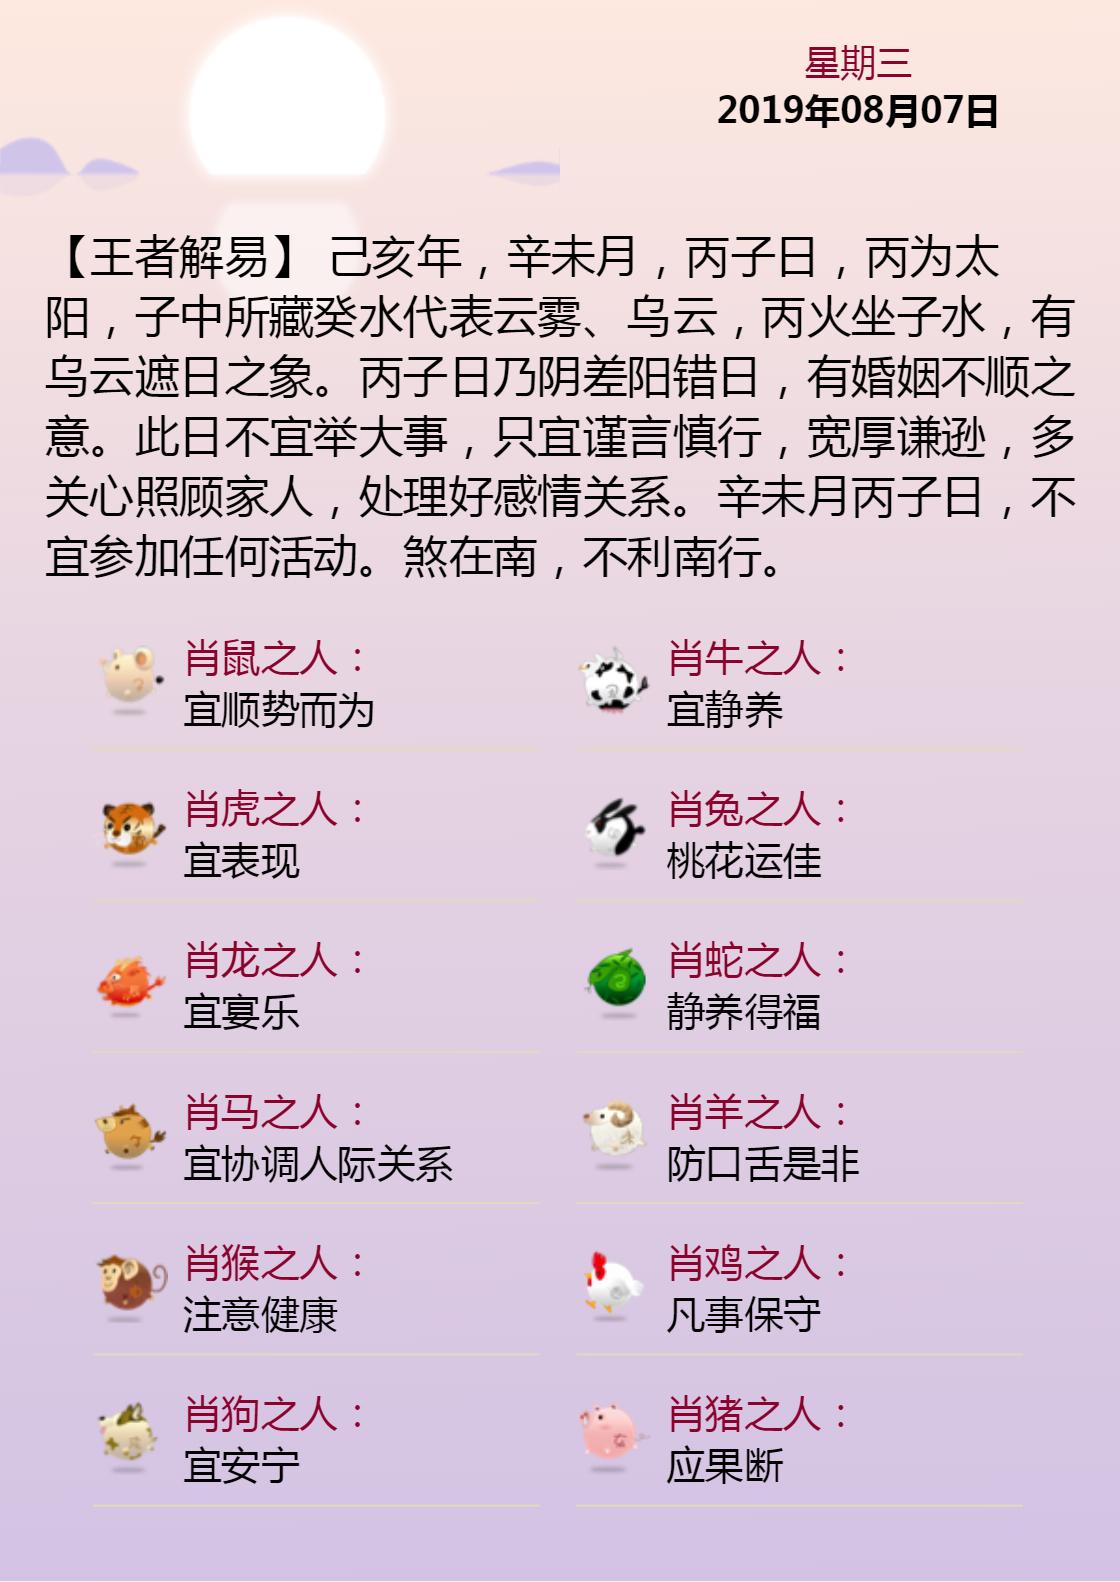 黄历海报20190807.png